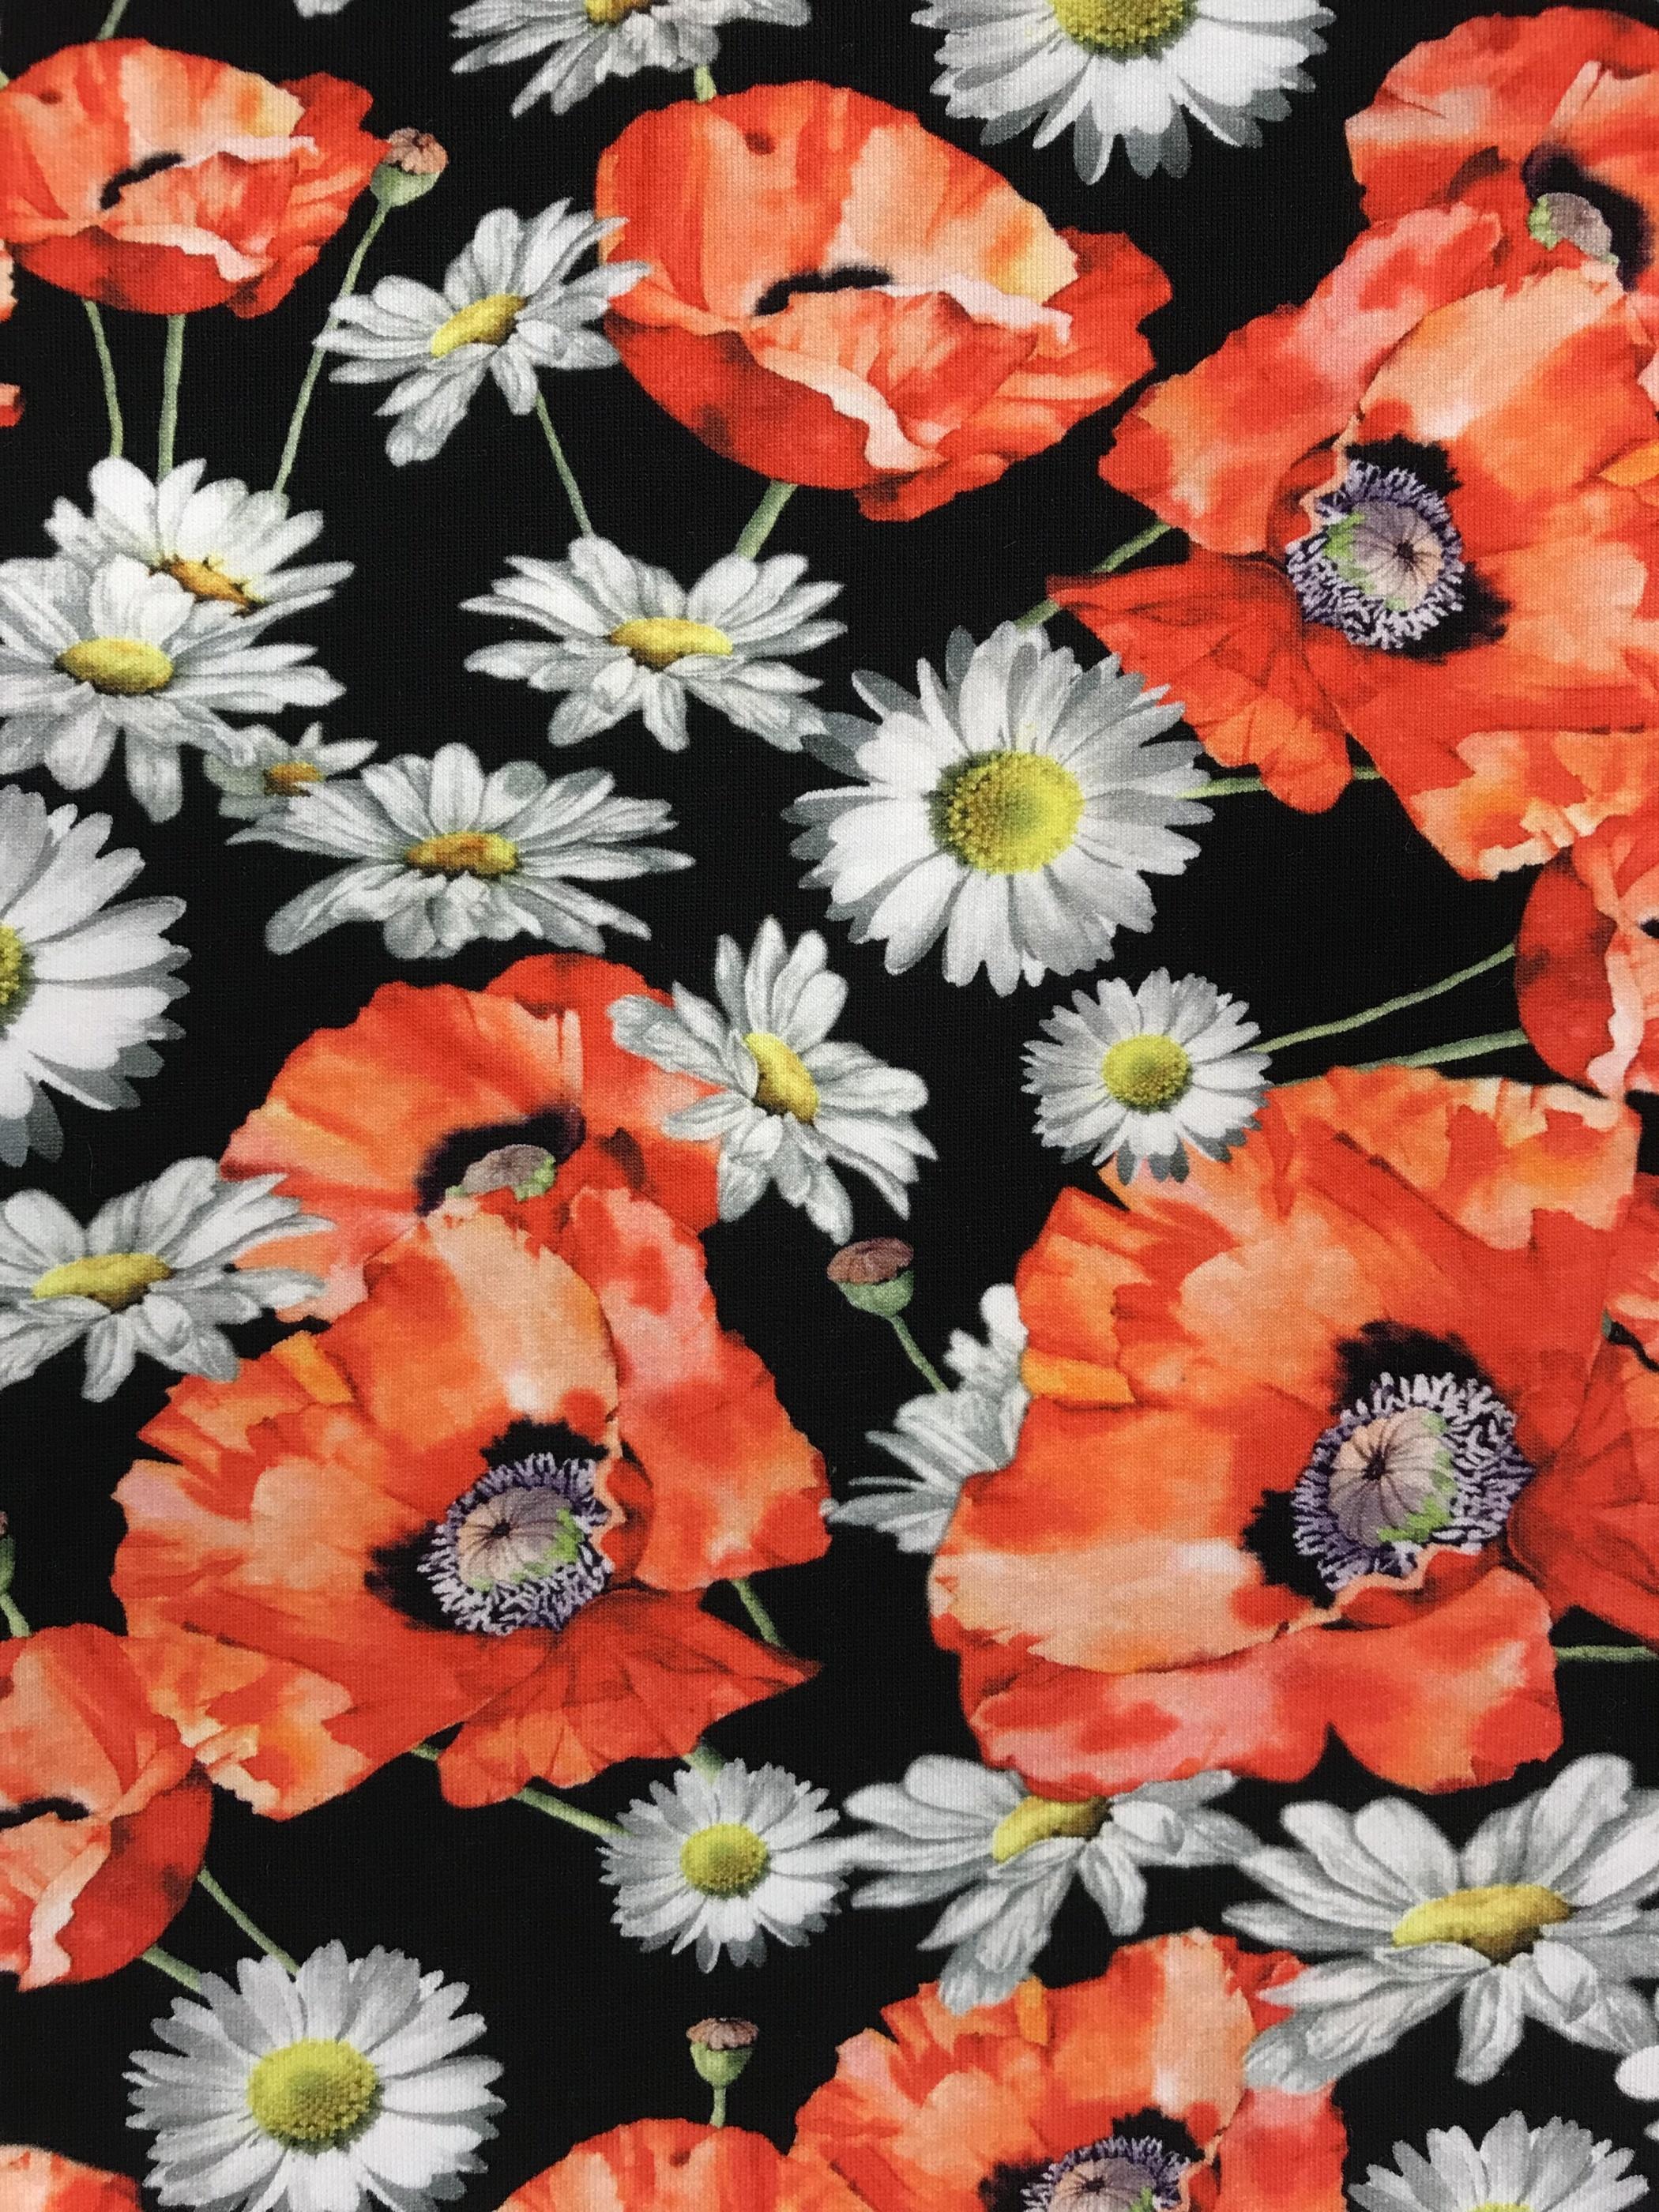 vallmoäng blommor vallmo prästkrage tyg metervara trikåtyg